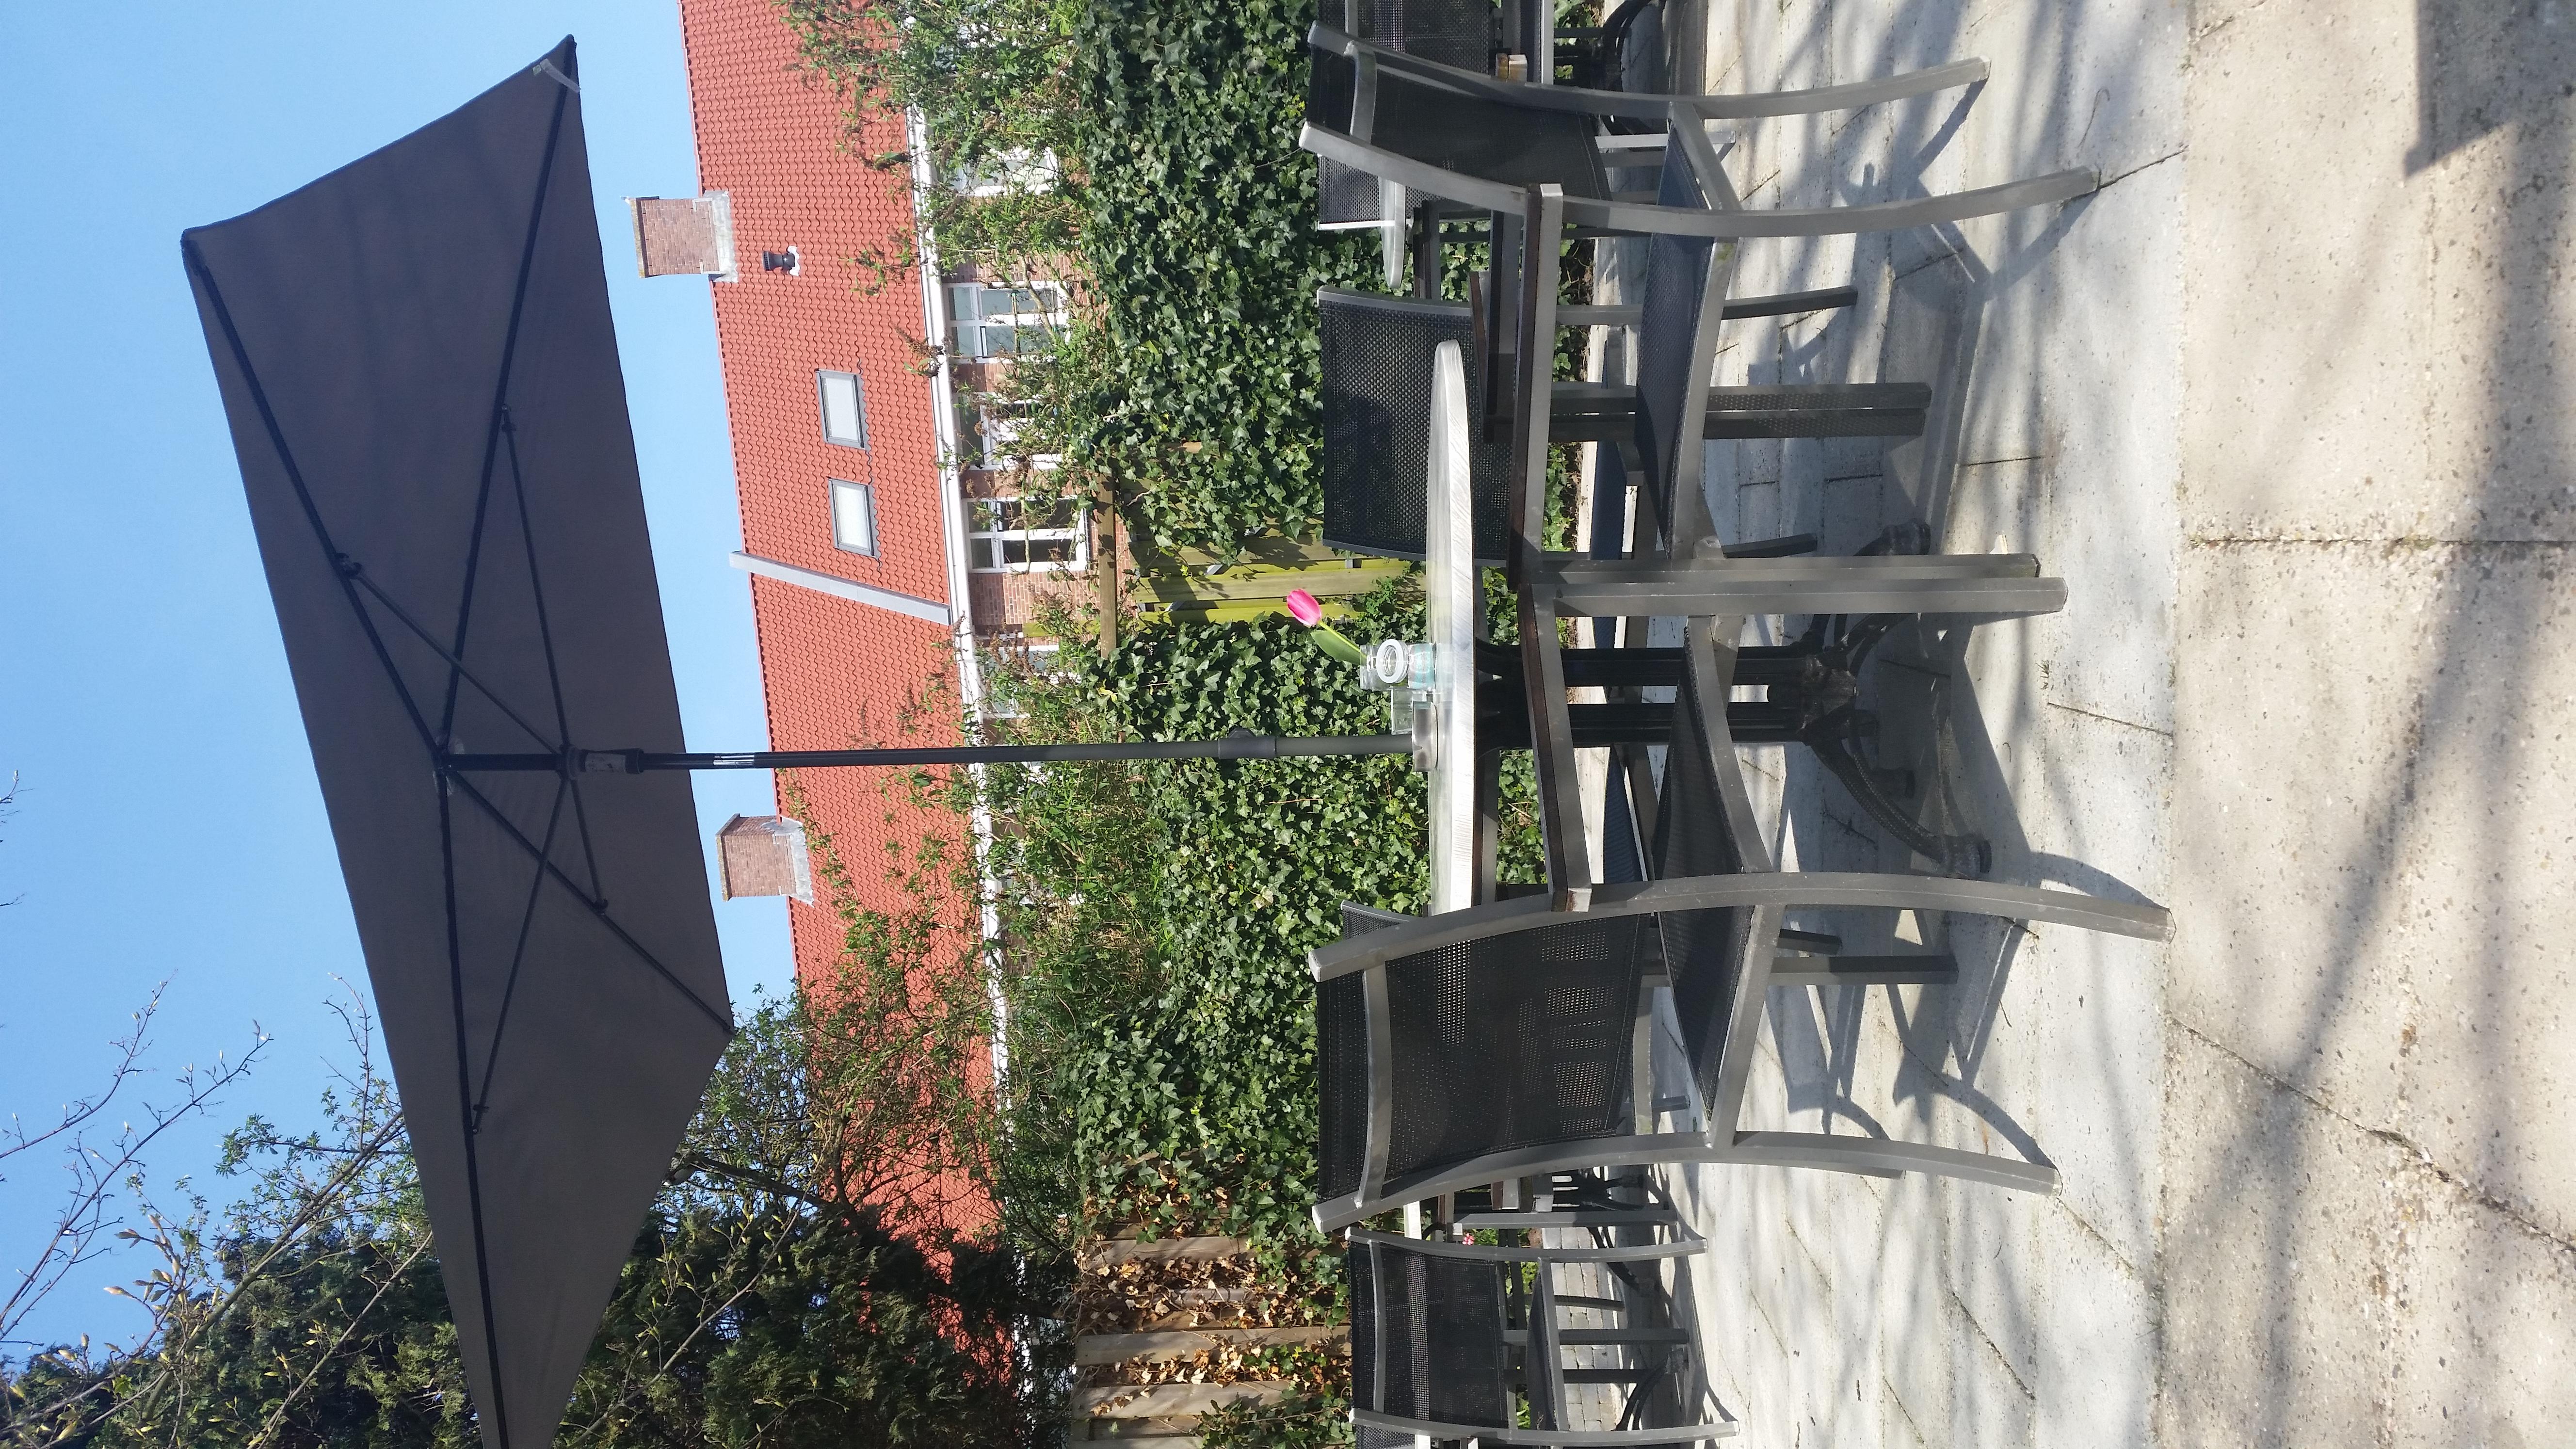 ons overheerlijk vernieuwde terras is geopend!  kom genieten van de heerlijke zon, bij wind iser bij ons weinig tot geen wind.  ook… Lees verder »